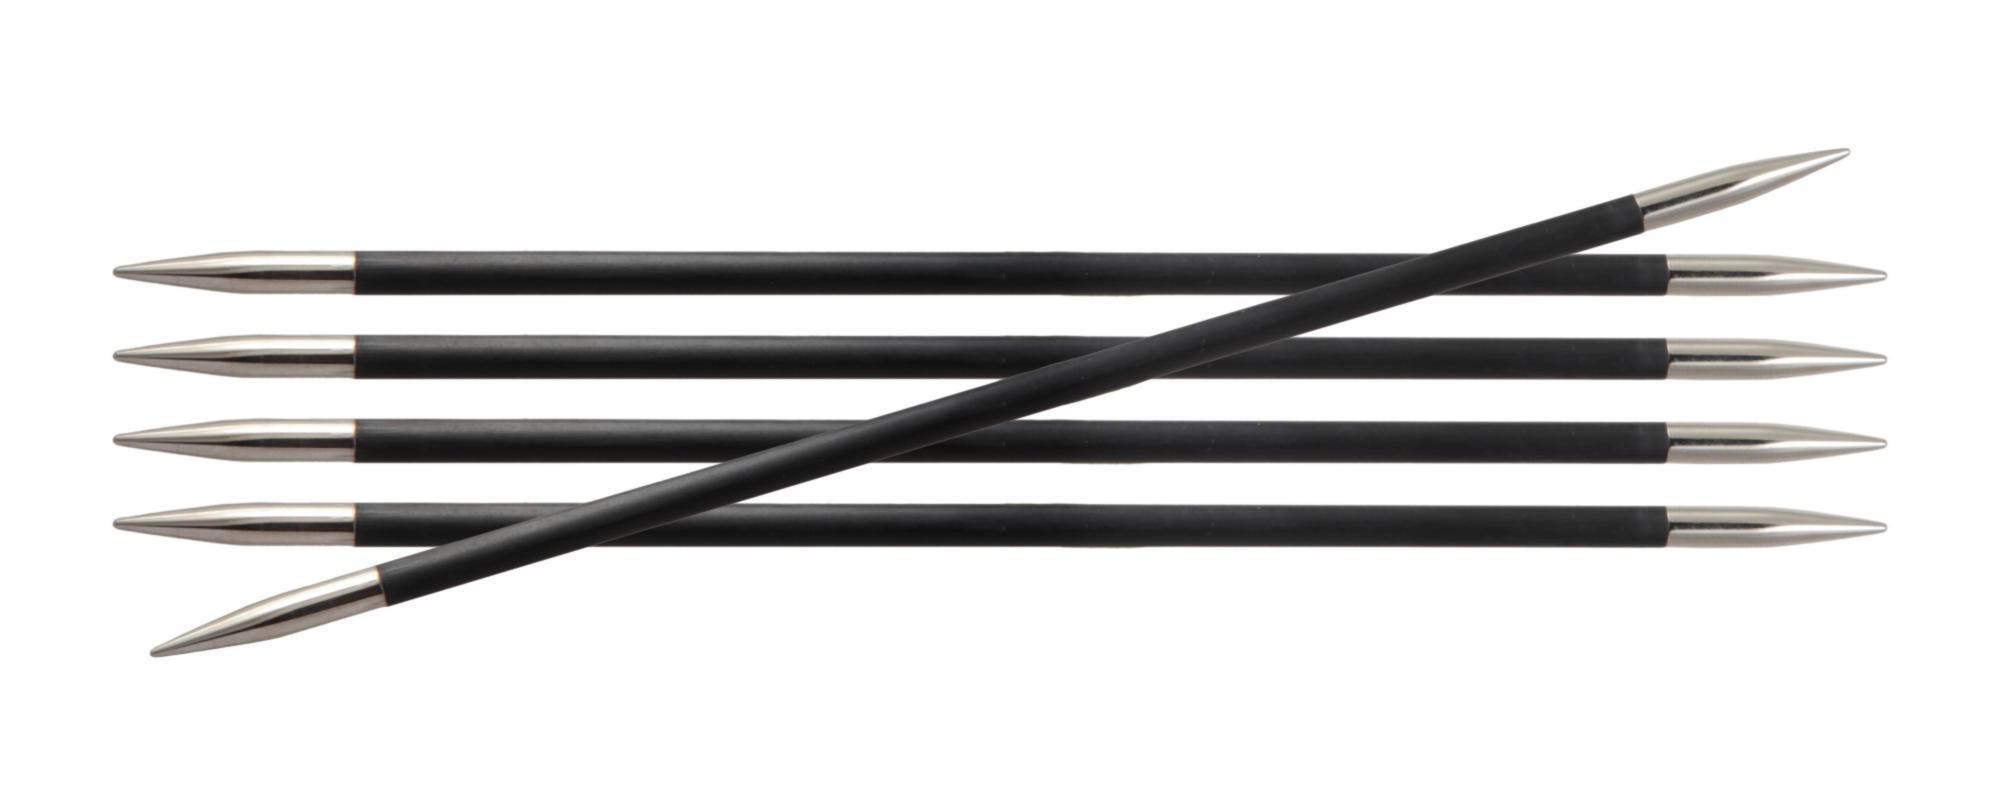 Спицы носочные 15 см Karbonz KnitPro, 41112, 3.75 мм